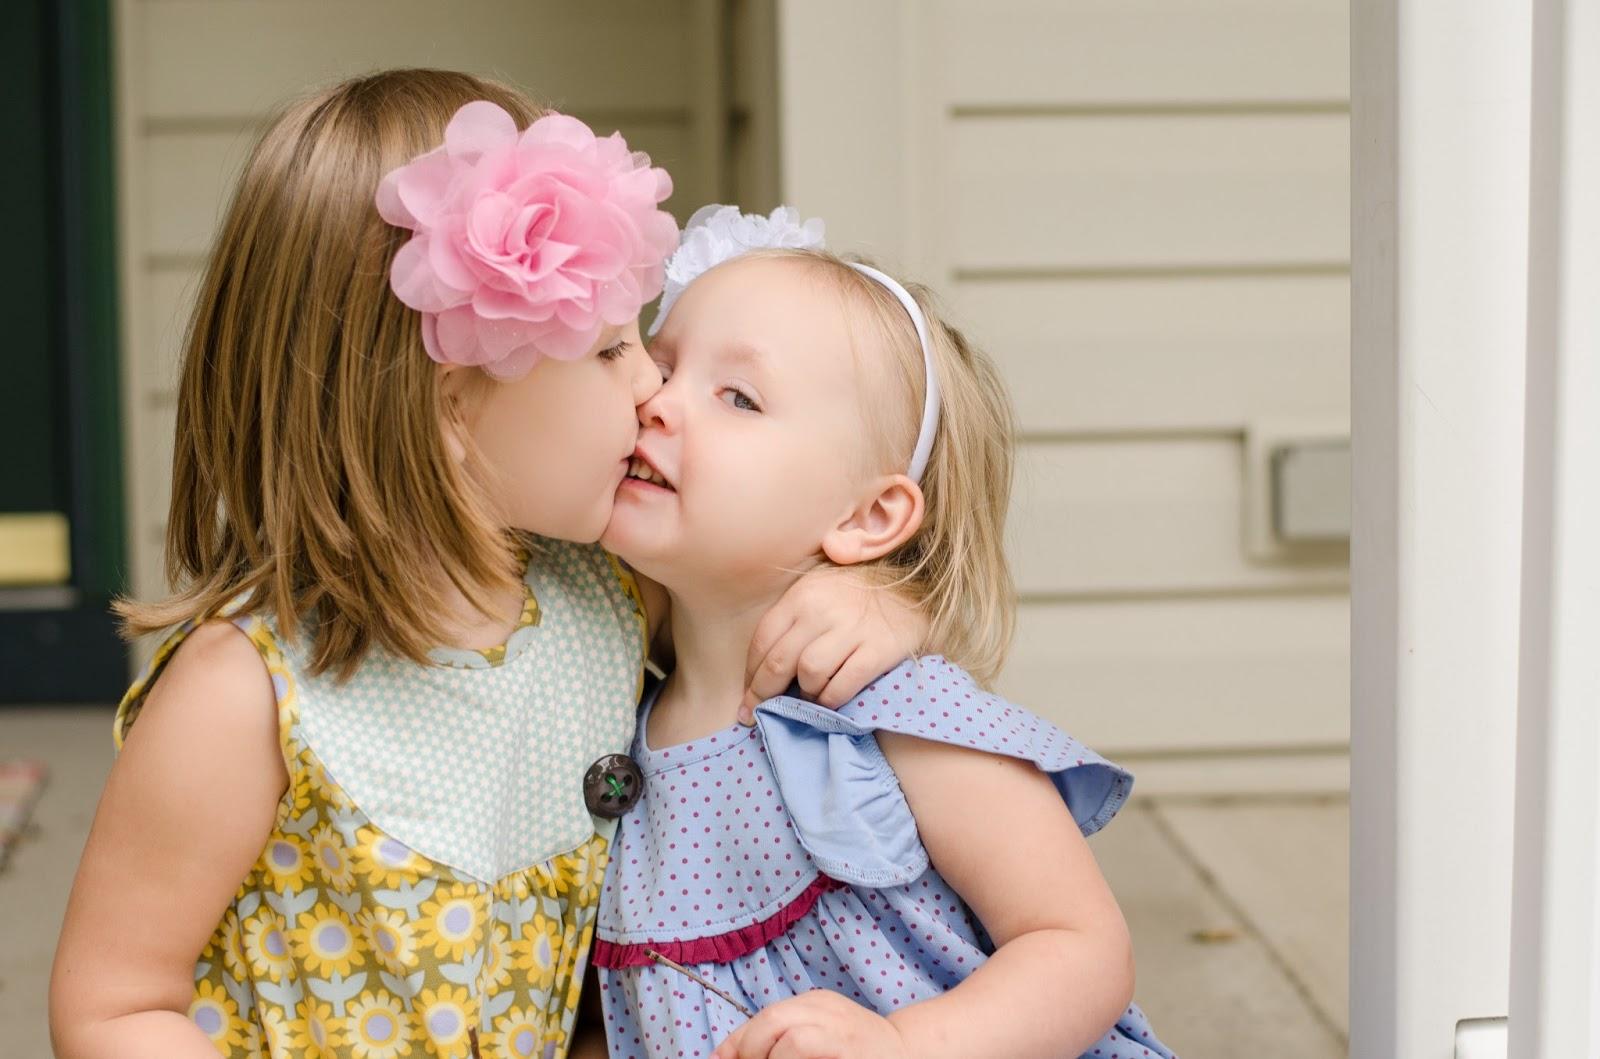 Girl Tongue Kiss Girl